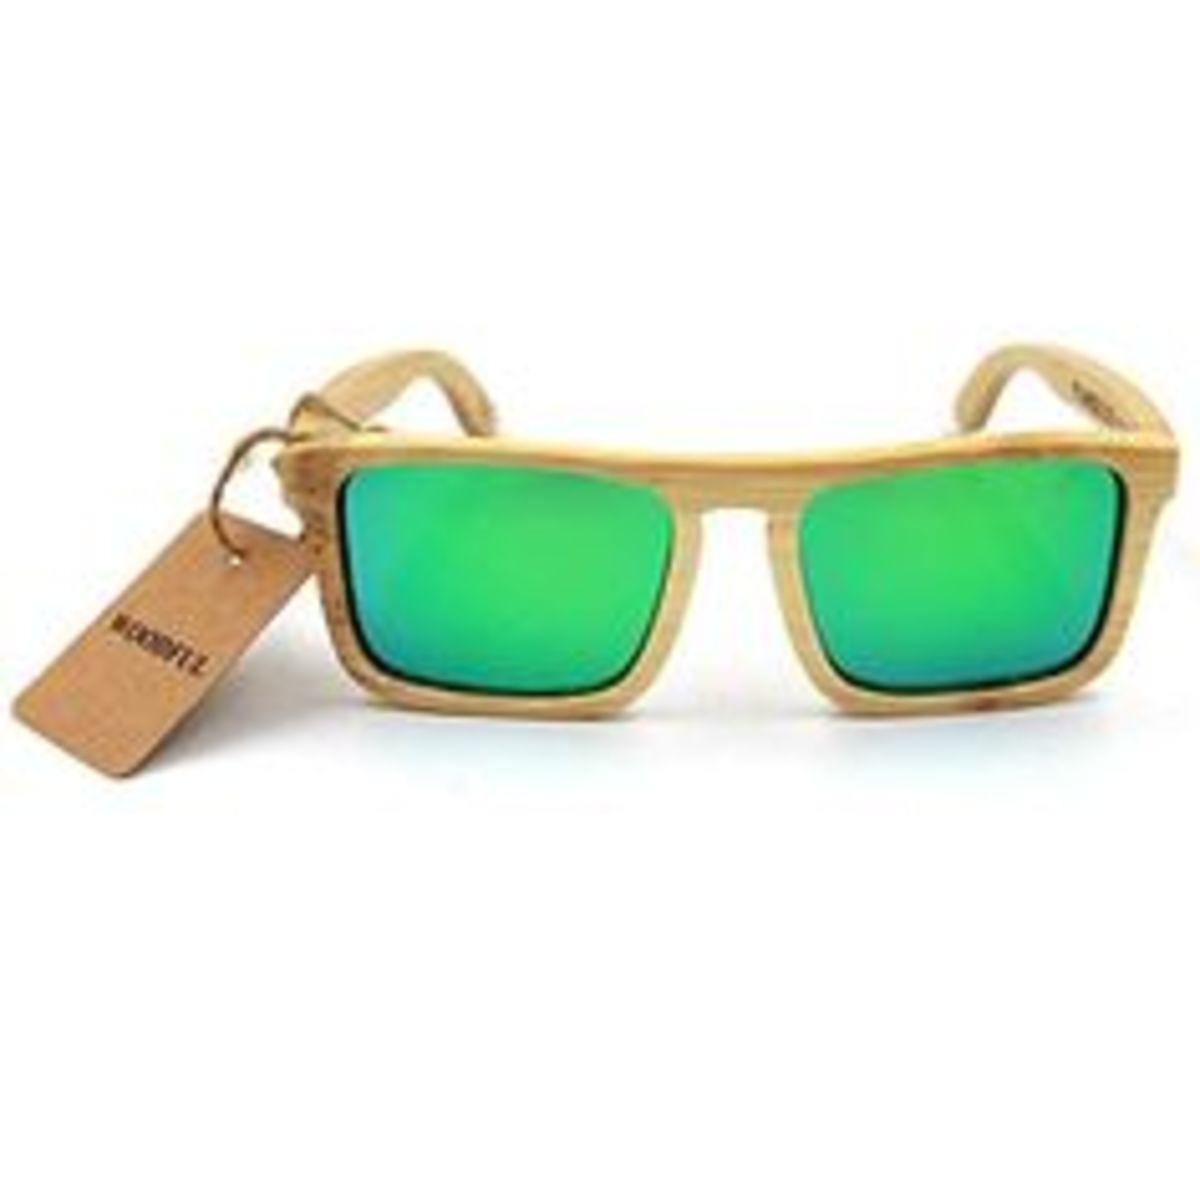 22223da58d4 Number 2  Woodful Bamboo Sunglasses